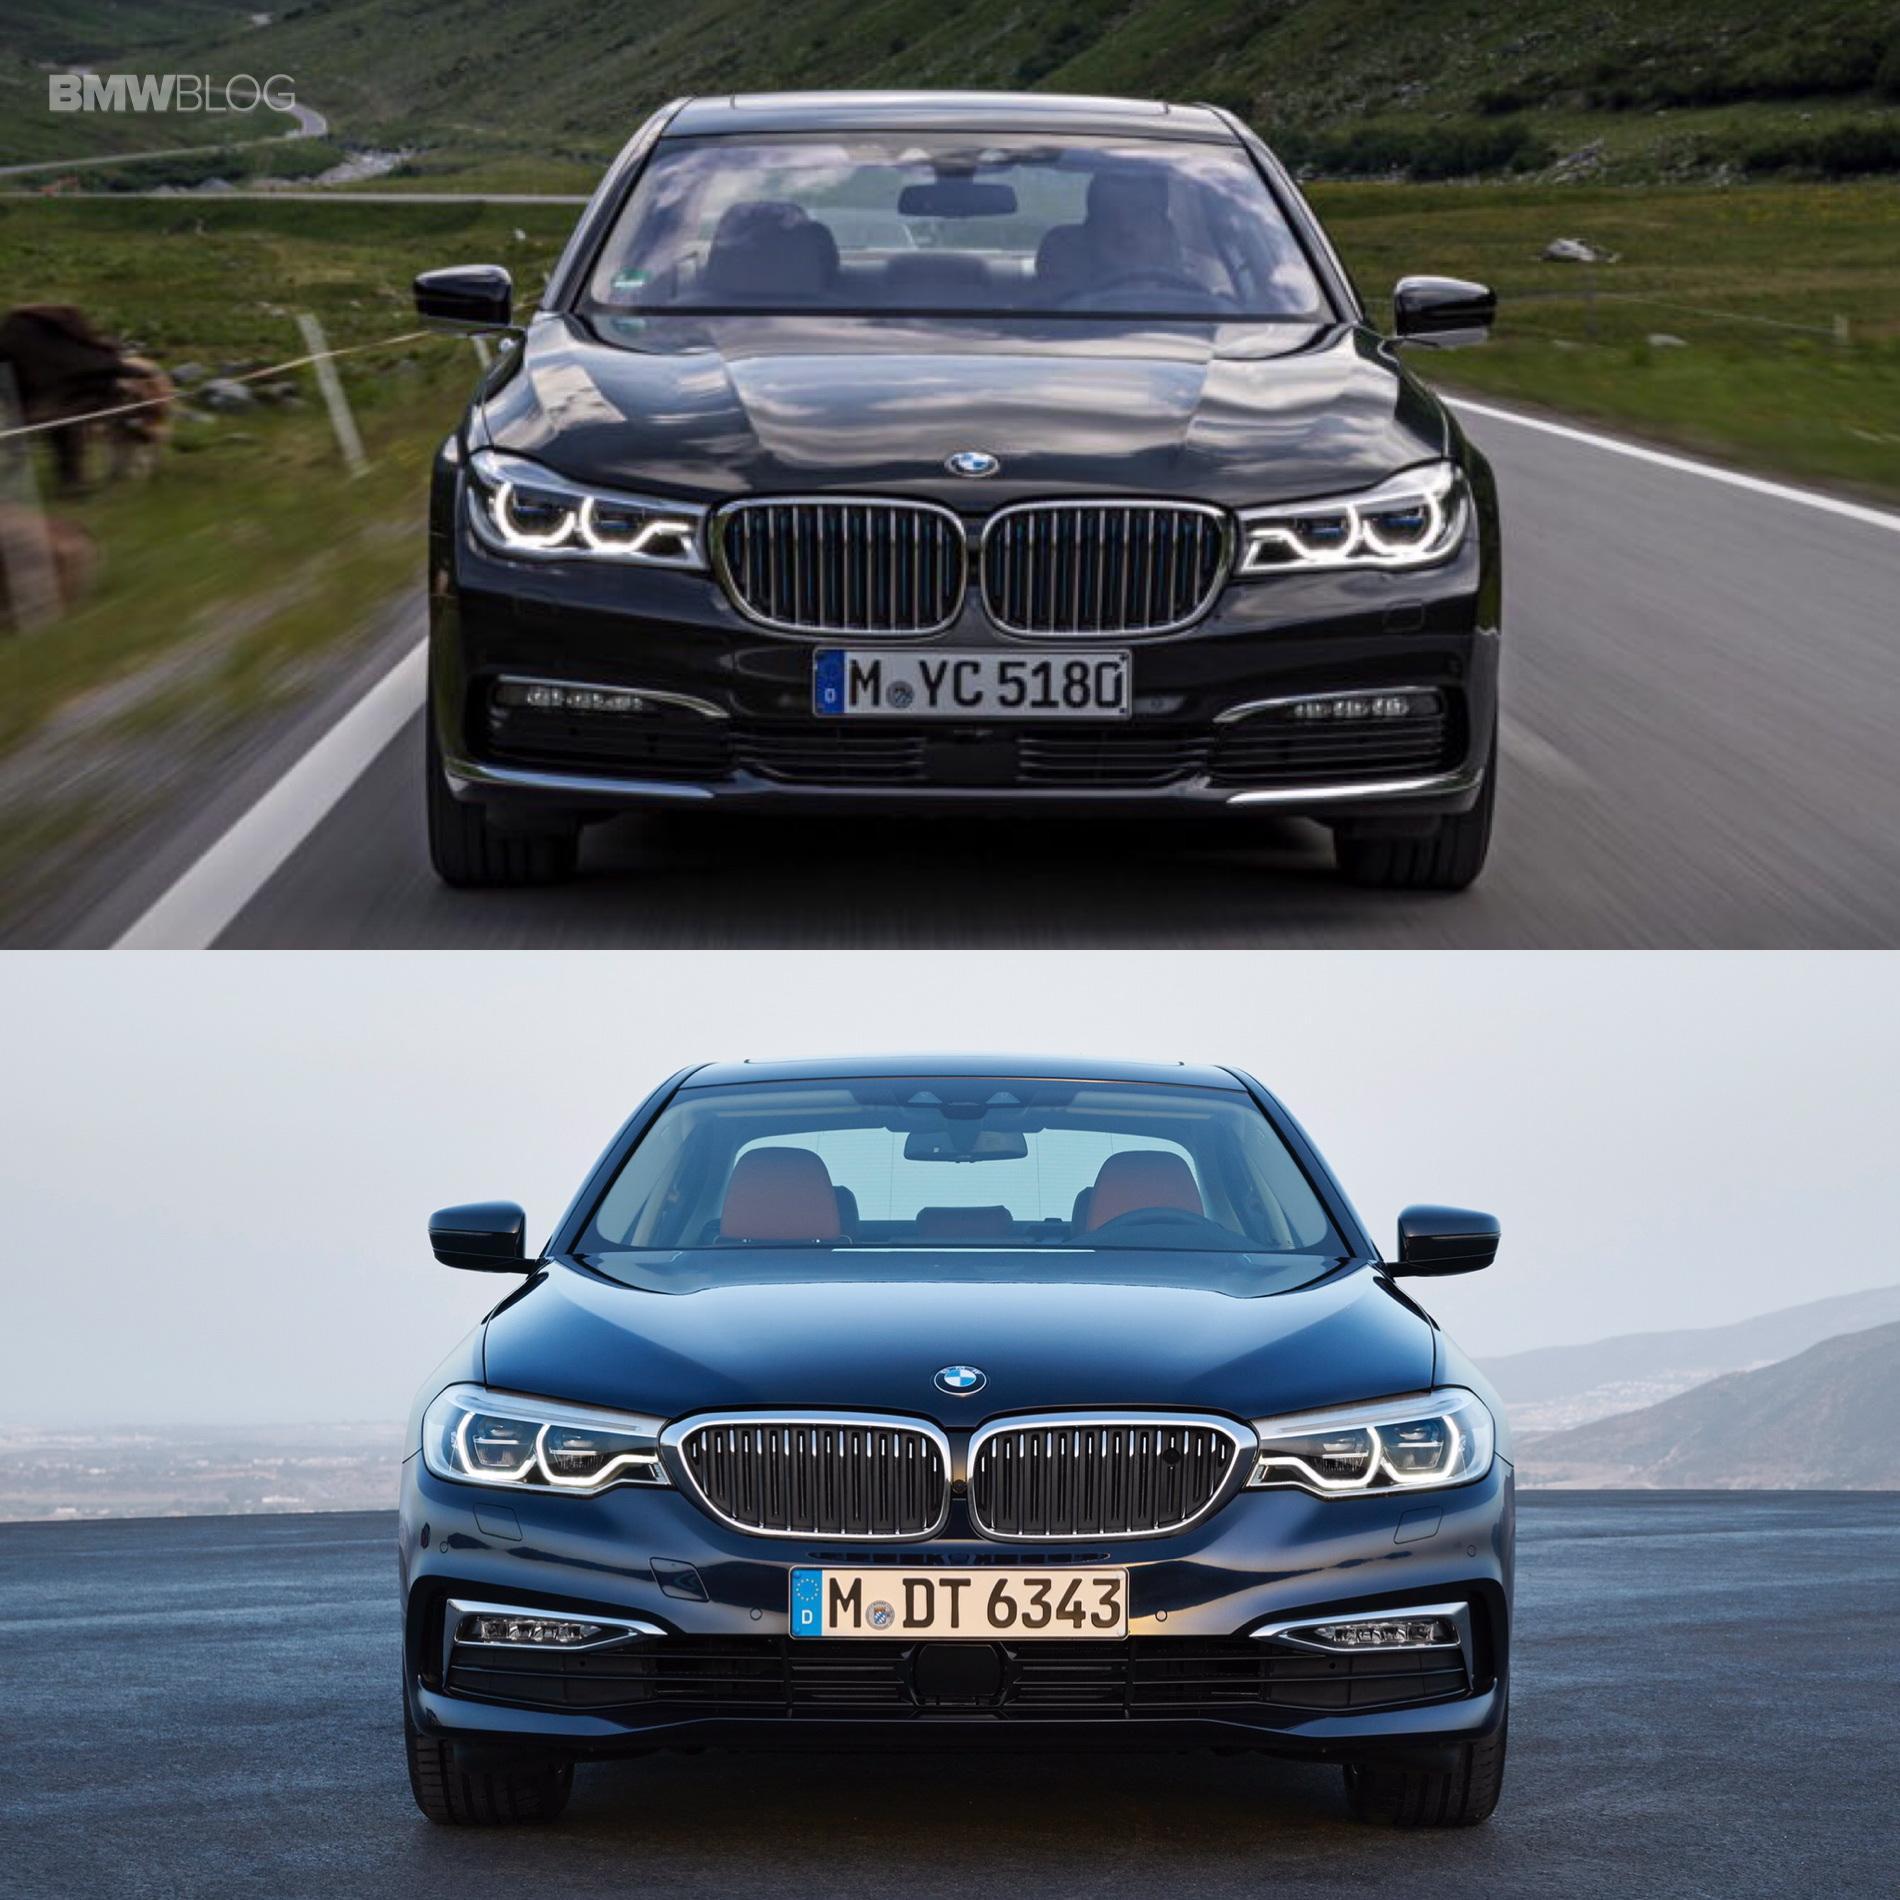 Bmw Z 8 For Sale: 2017 BMW G30 5 Series Vs. BMW G11 7 Series